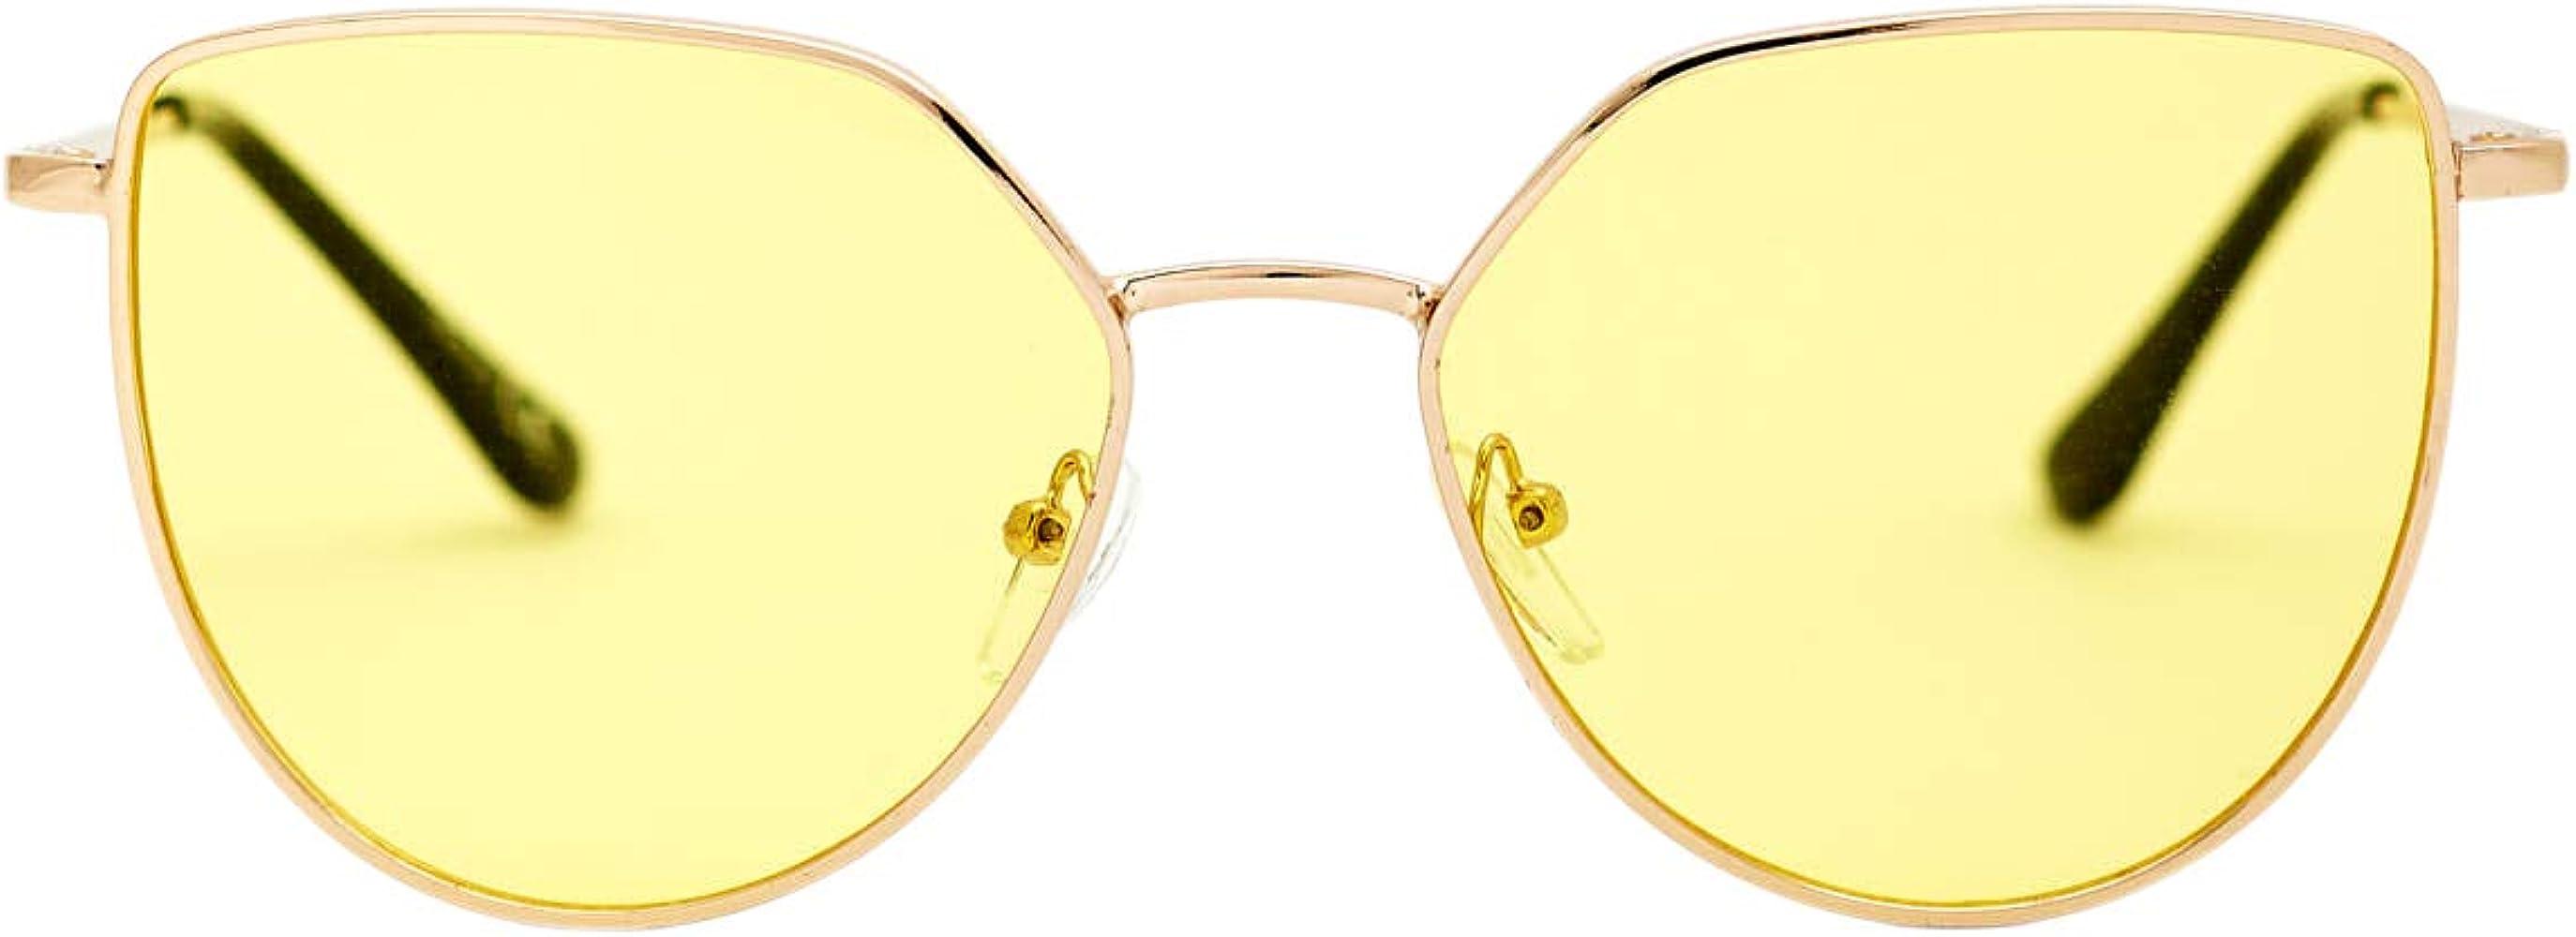 Amazon Com Gafas De Sol Rectangulares Con Marco De Metal Diseño De Ojo De Gato Estilo Vintage Ultra Transparente 100 Protección Uv Para Mujeres Talla única Clothing